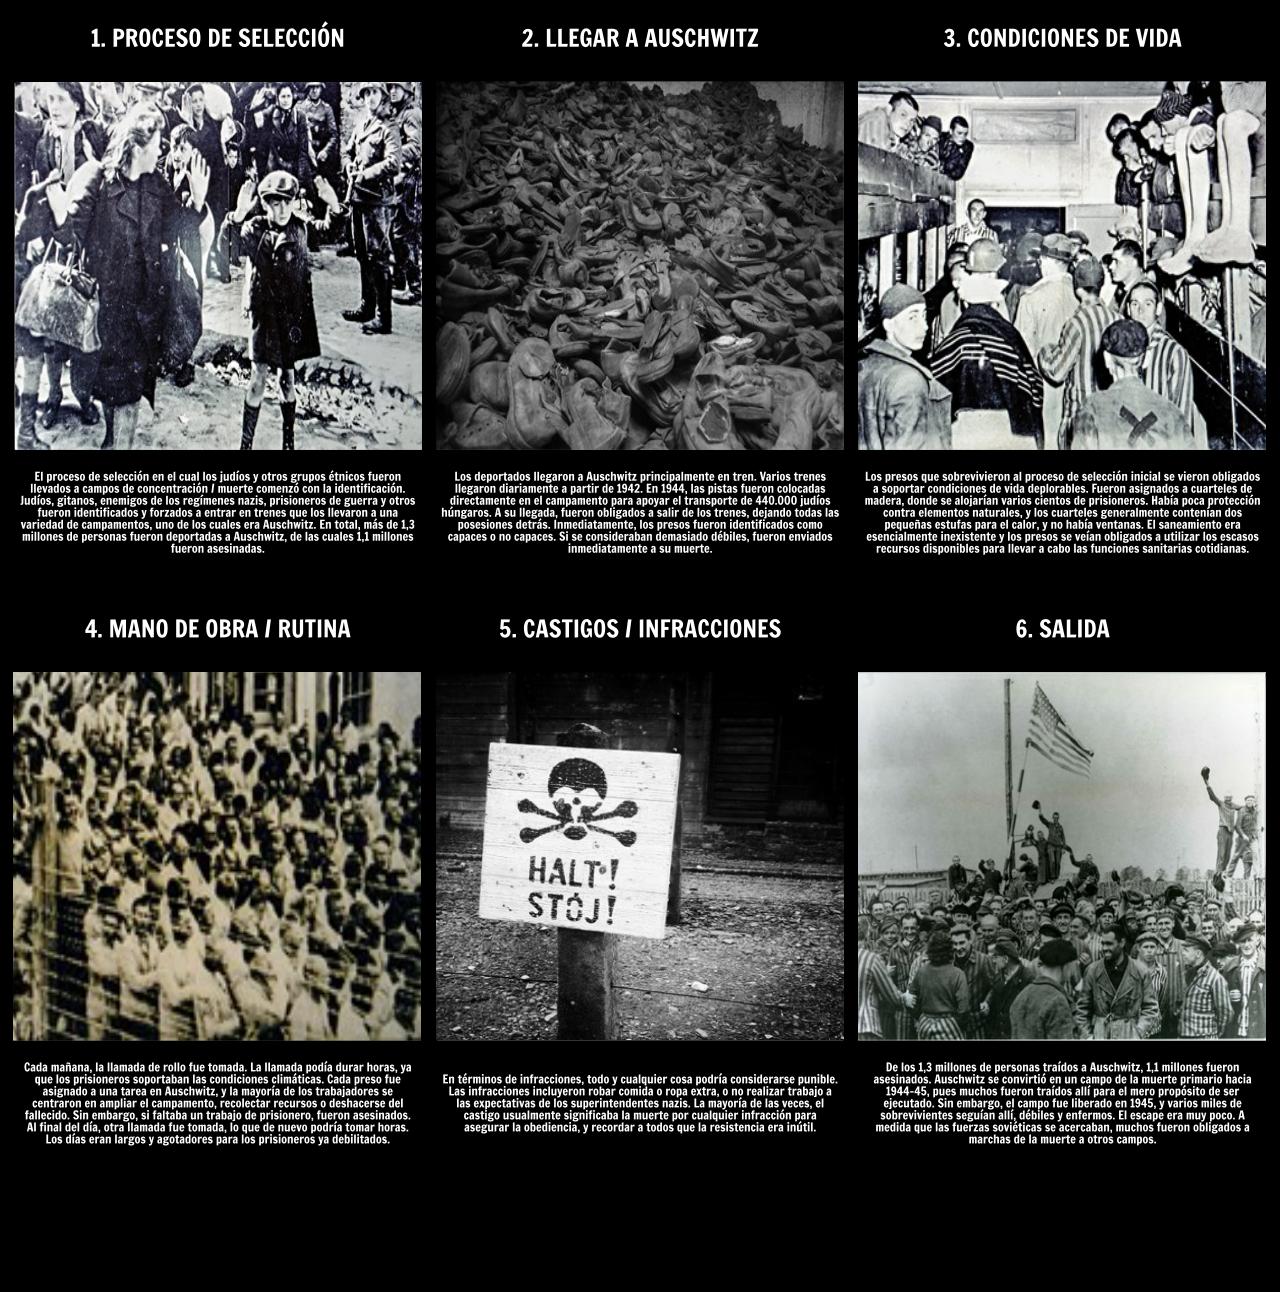 La Historia del Holocausto - La Vida en Auschwitz